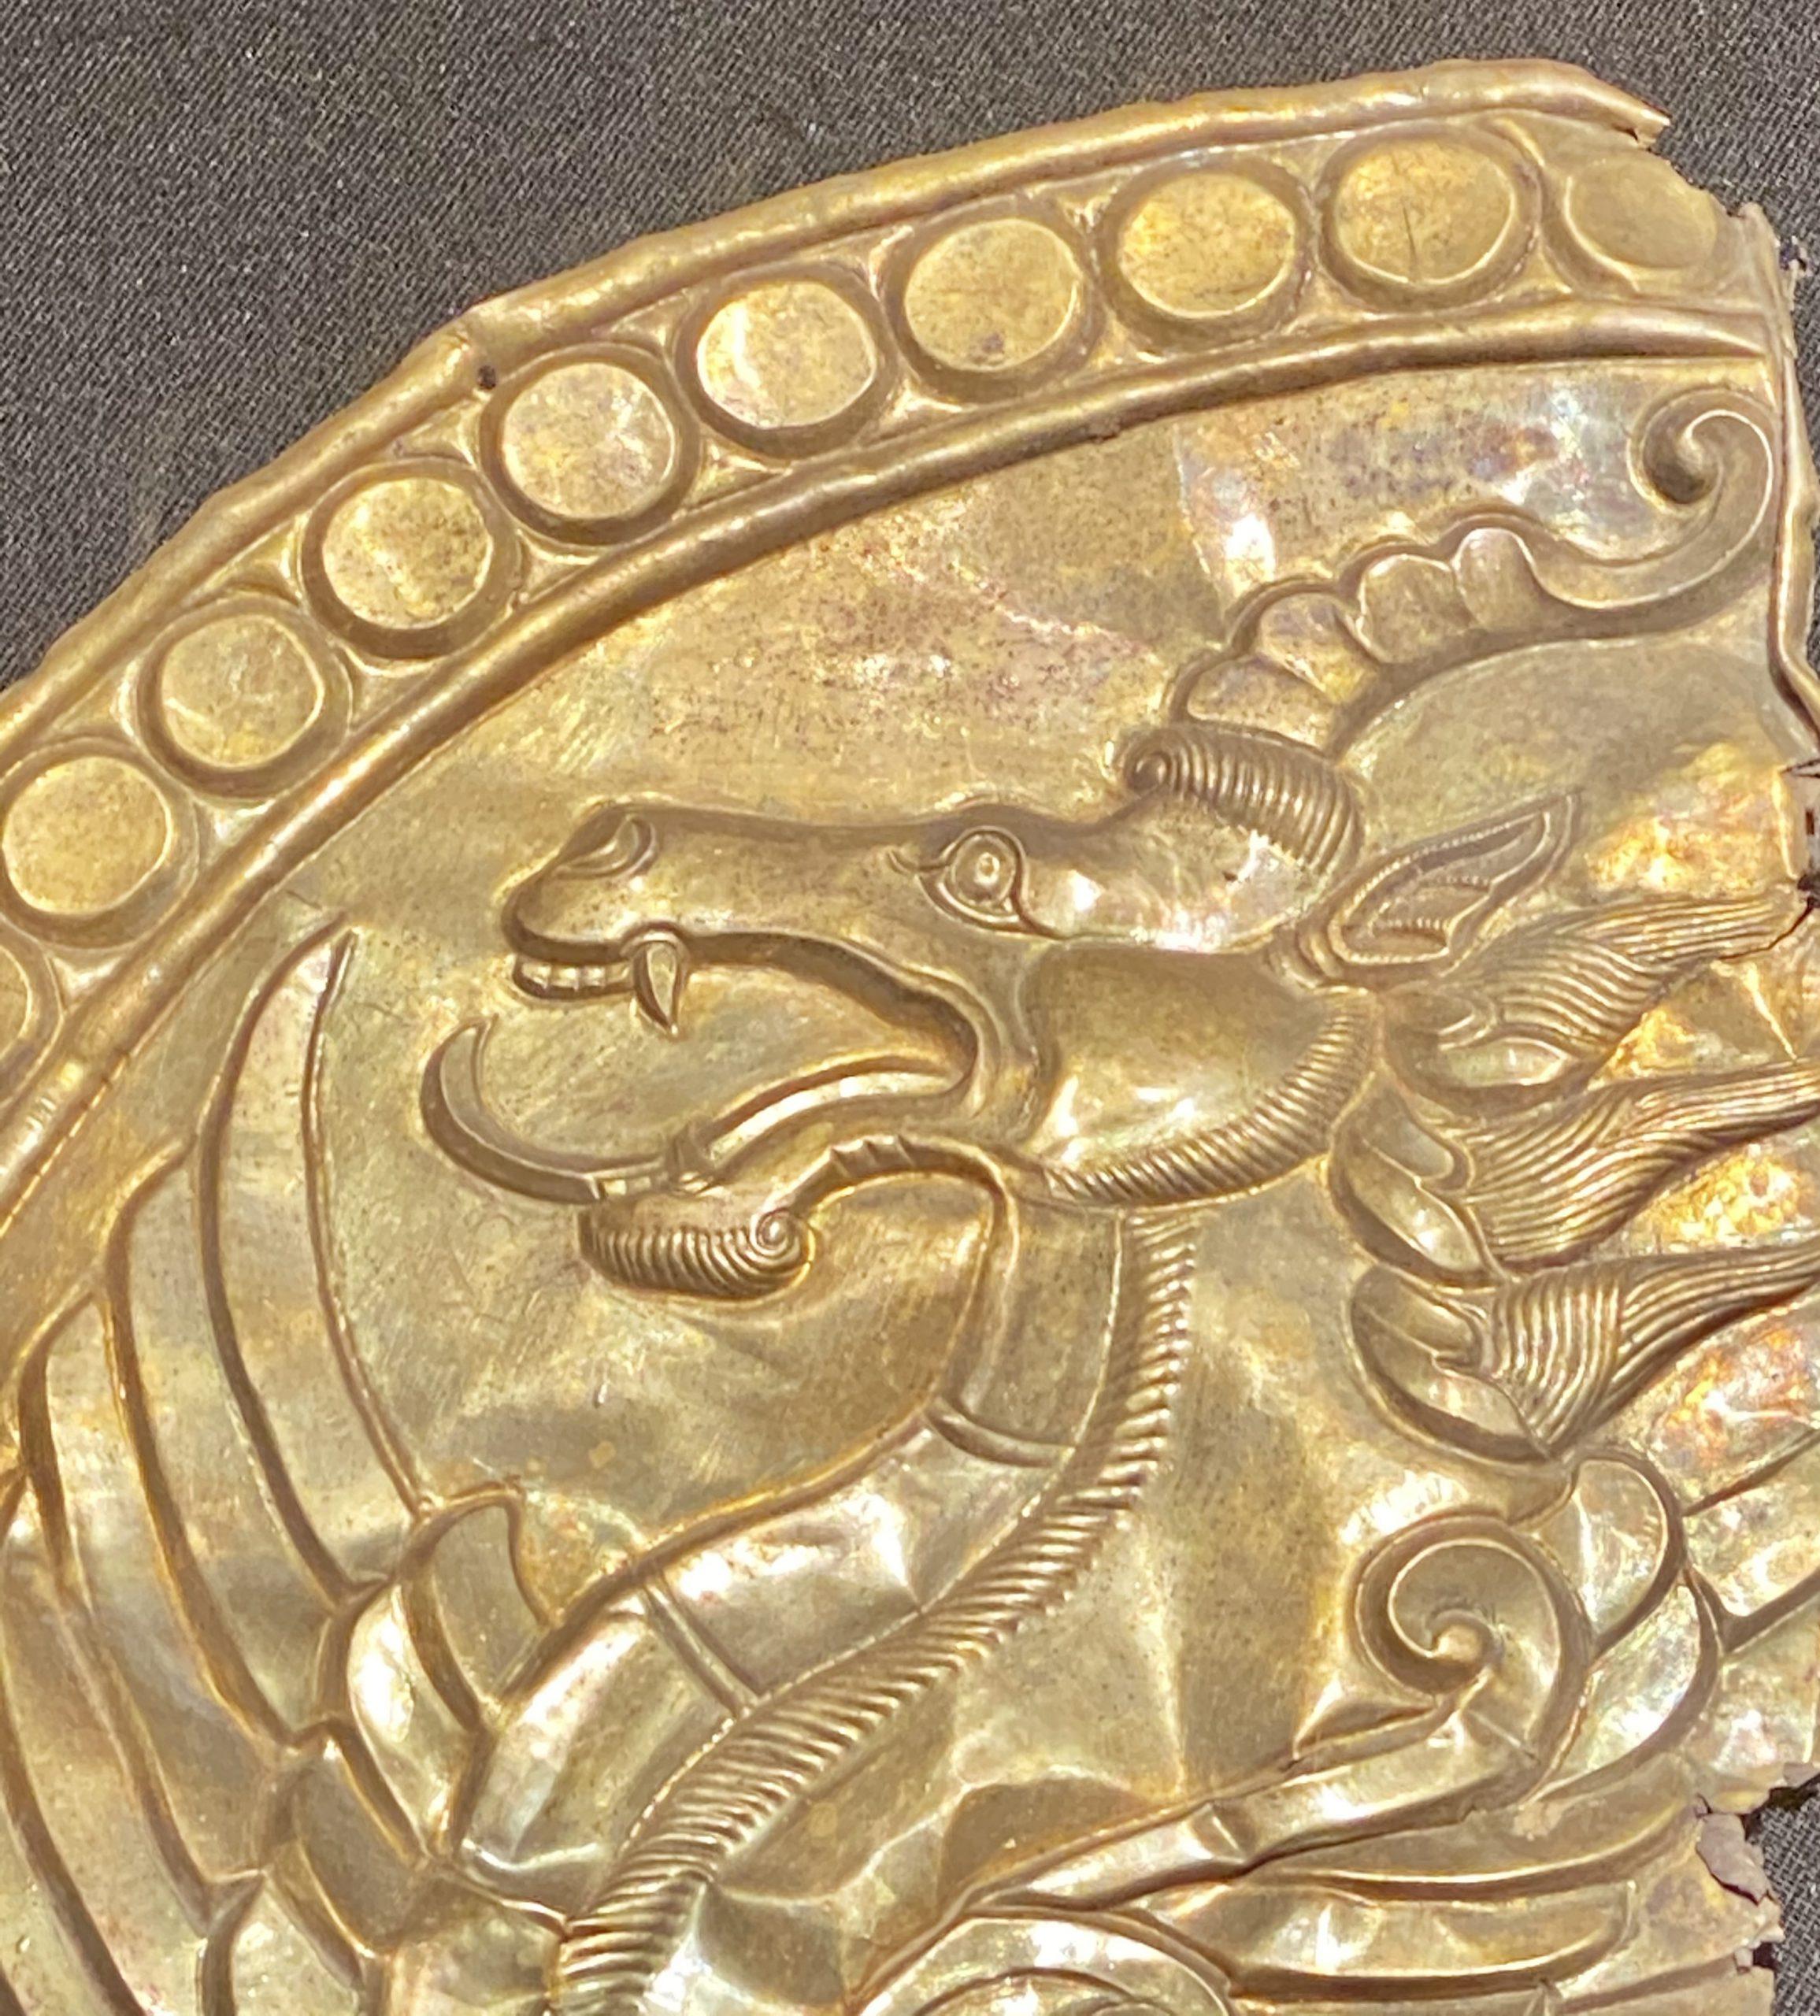 連珠紋鏨刻飛馬紋包金飾片-唐時代-巡回特別展【天歌長歌-唐蕃古道】-四川博物館